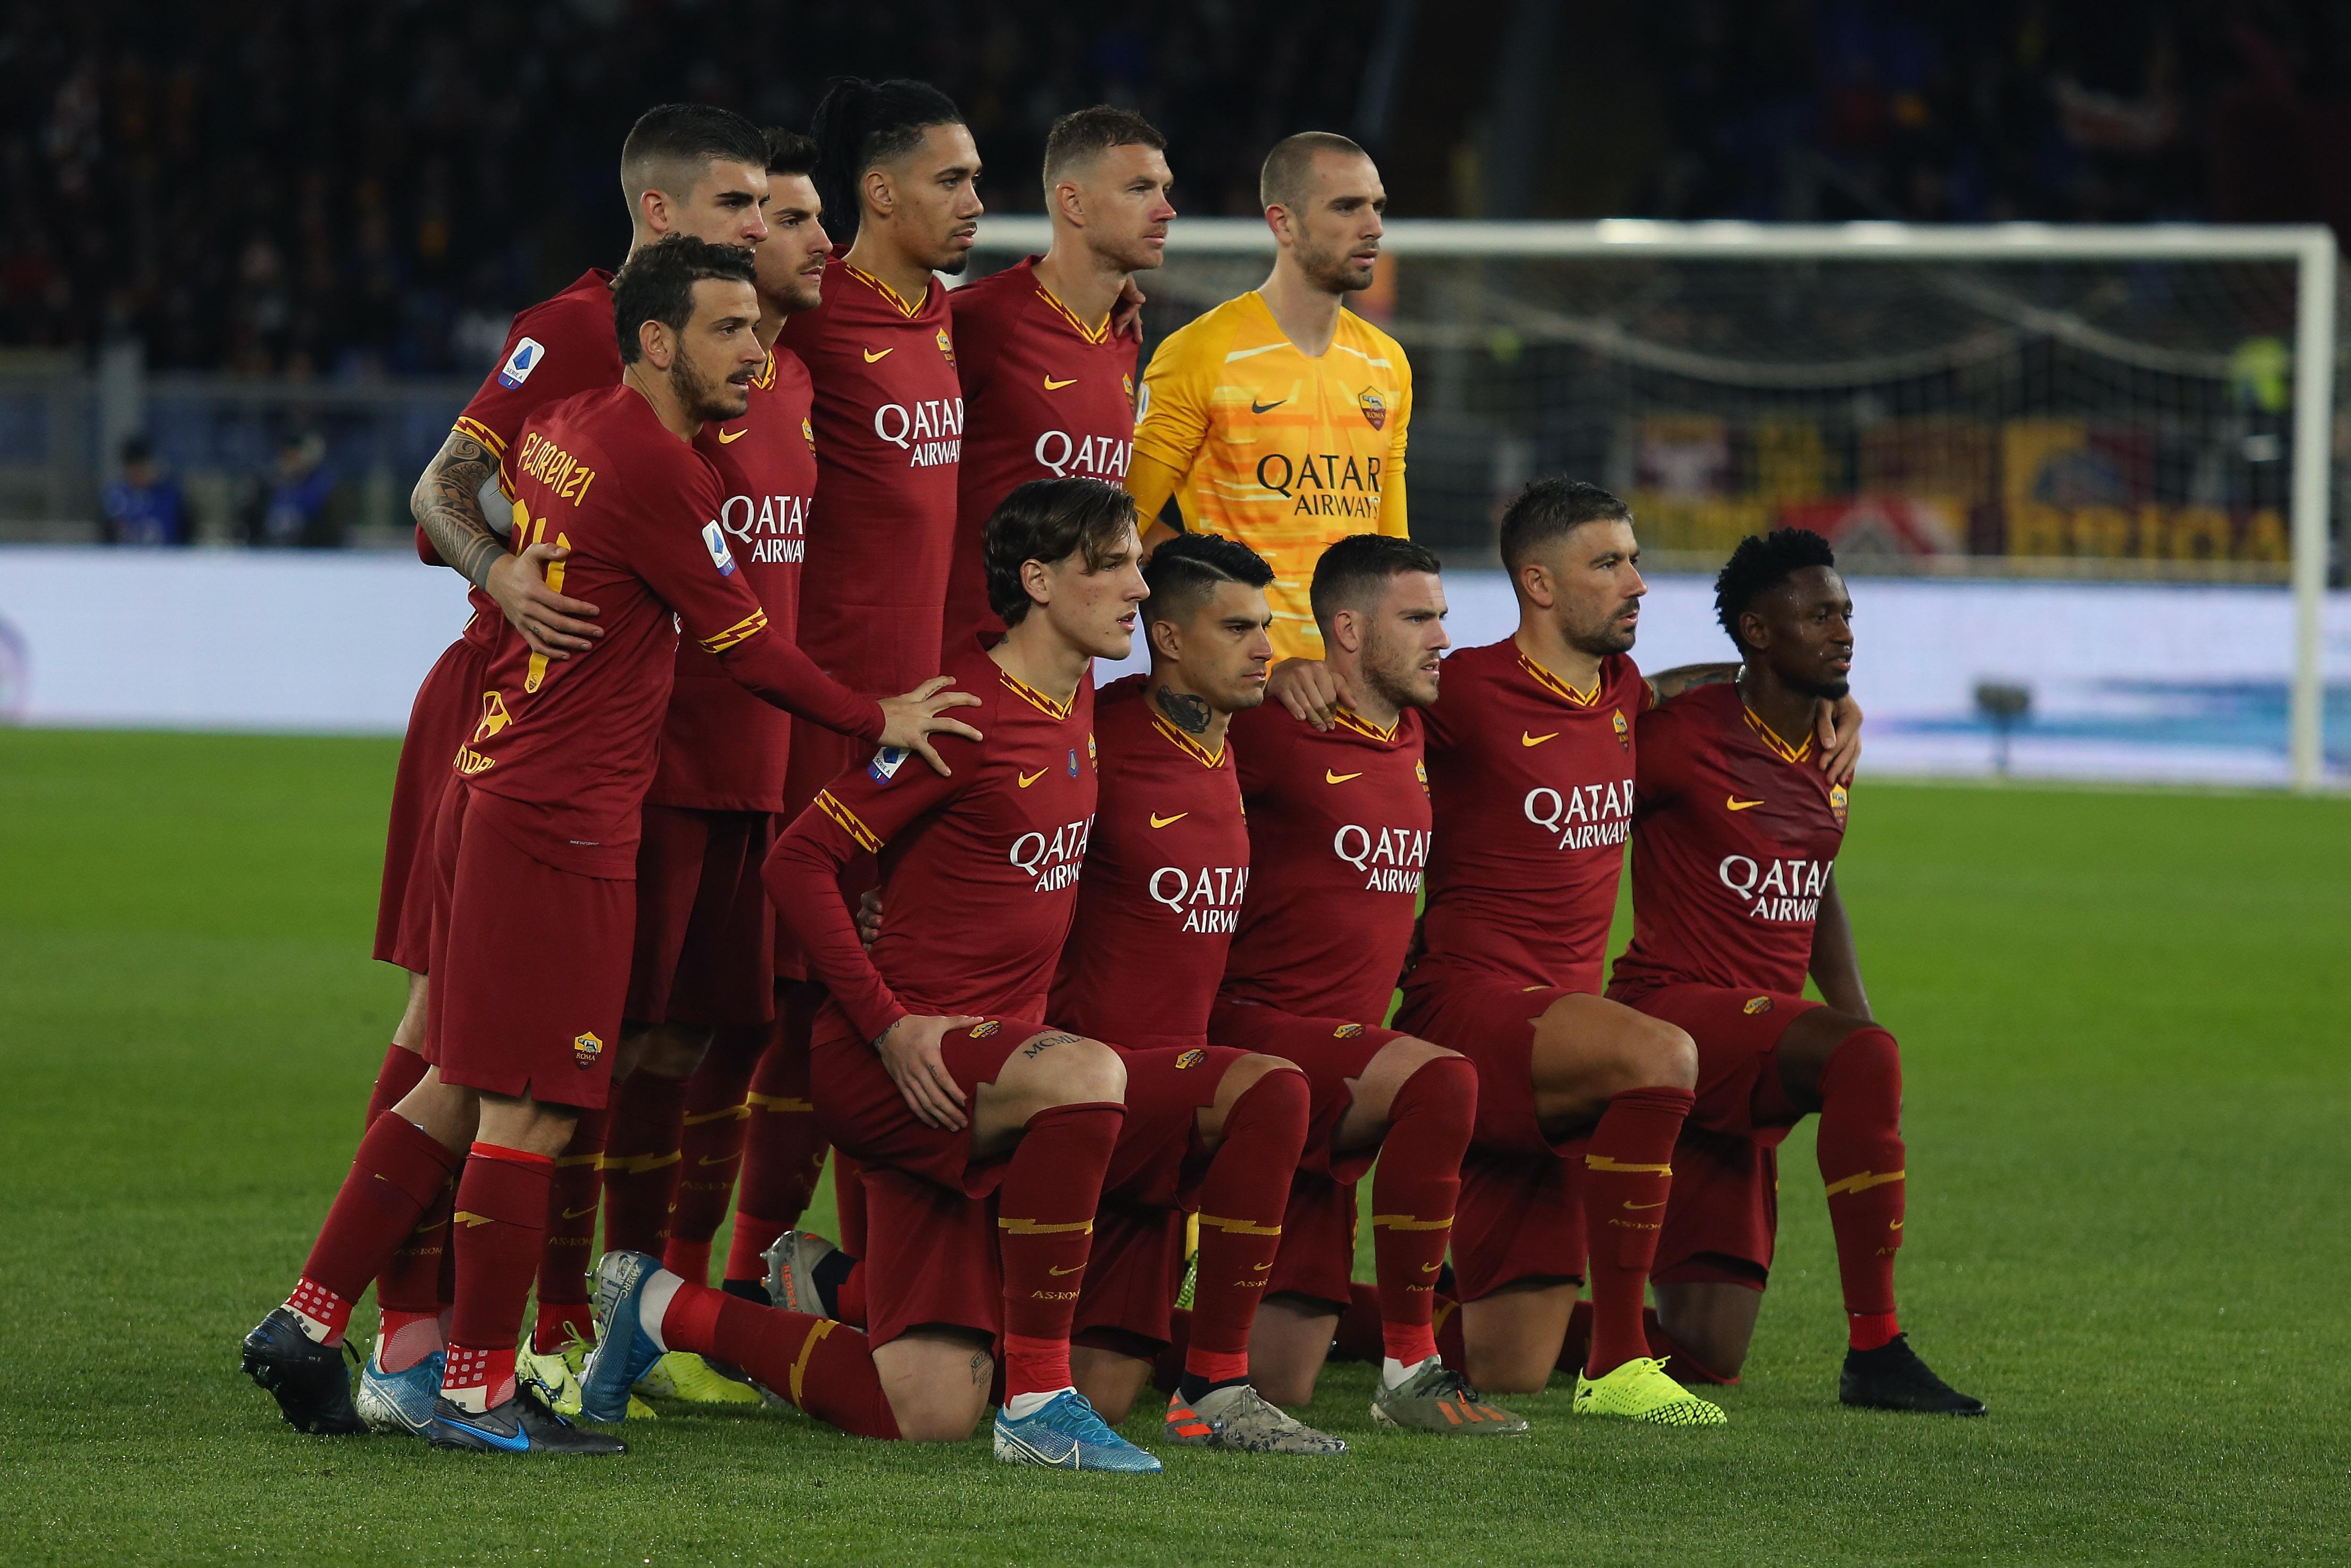 Infortunio Zaniolo, stagione finita per il giocatore Roma | tempi | recupero